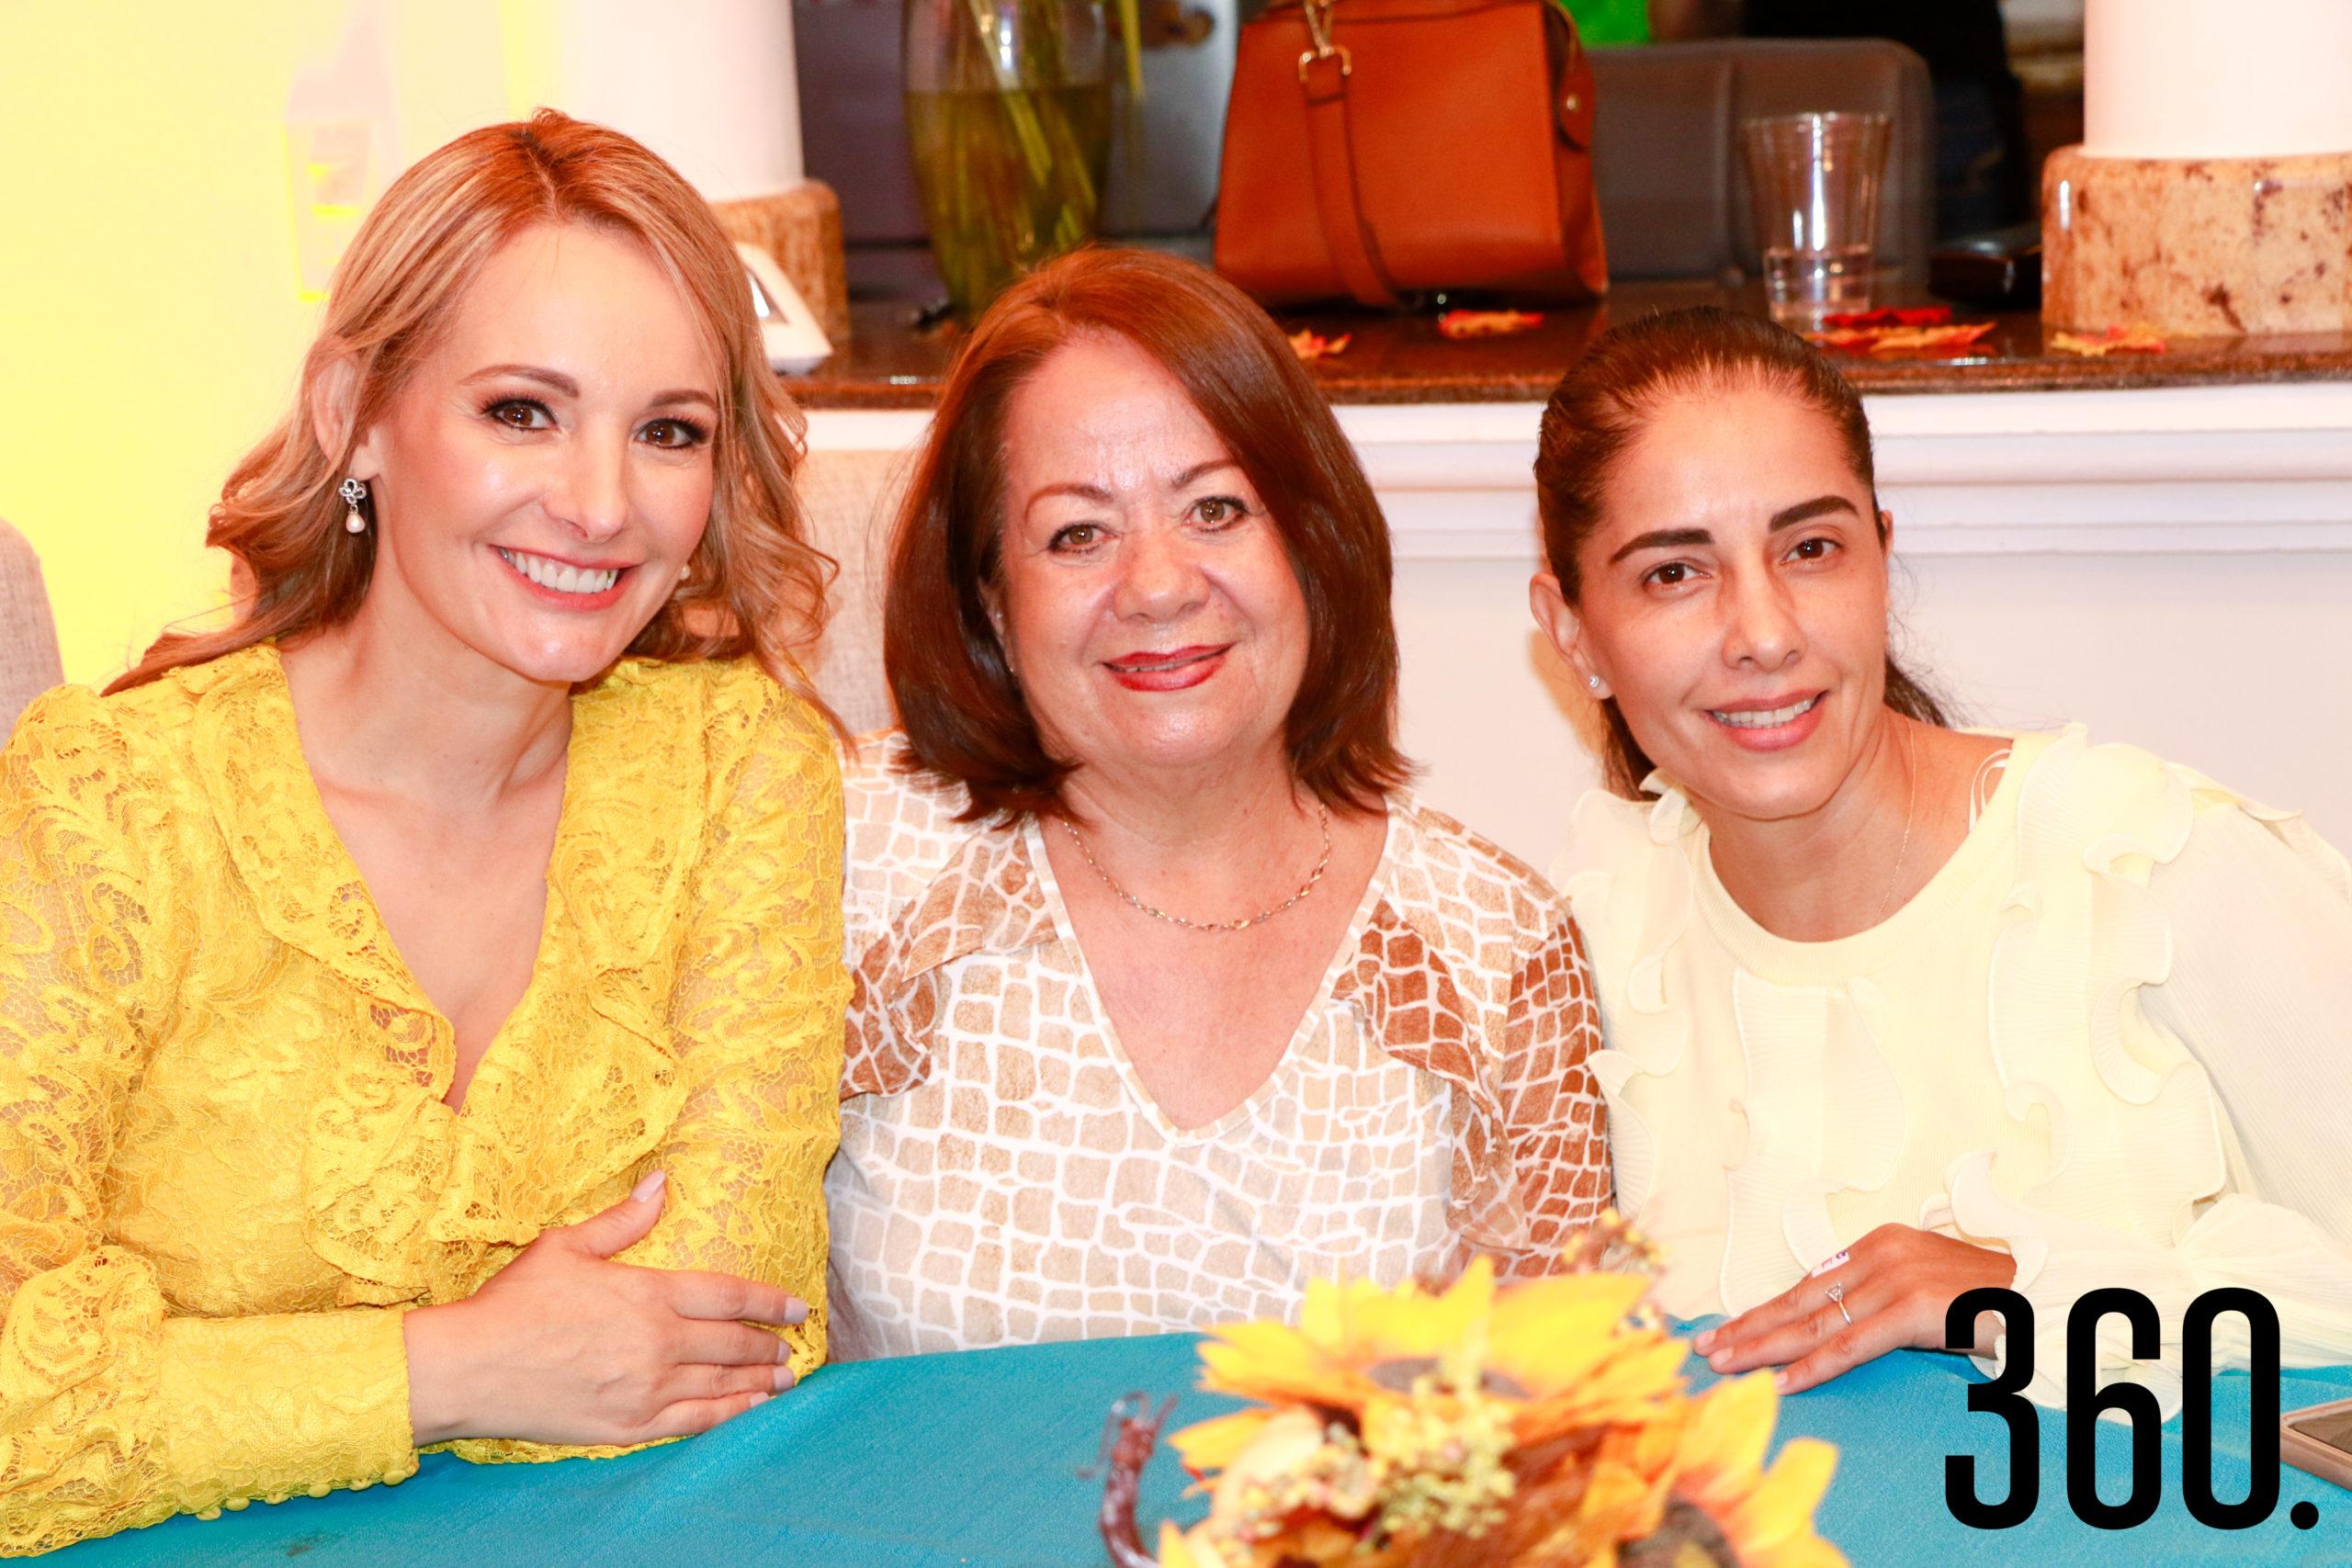 Lorena de los Santos, Rebeca Bonilla y Erika de Favila.